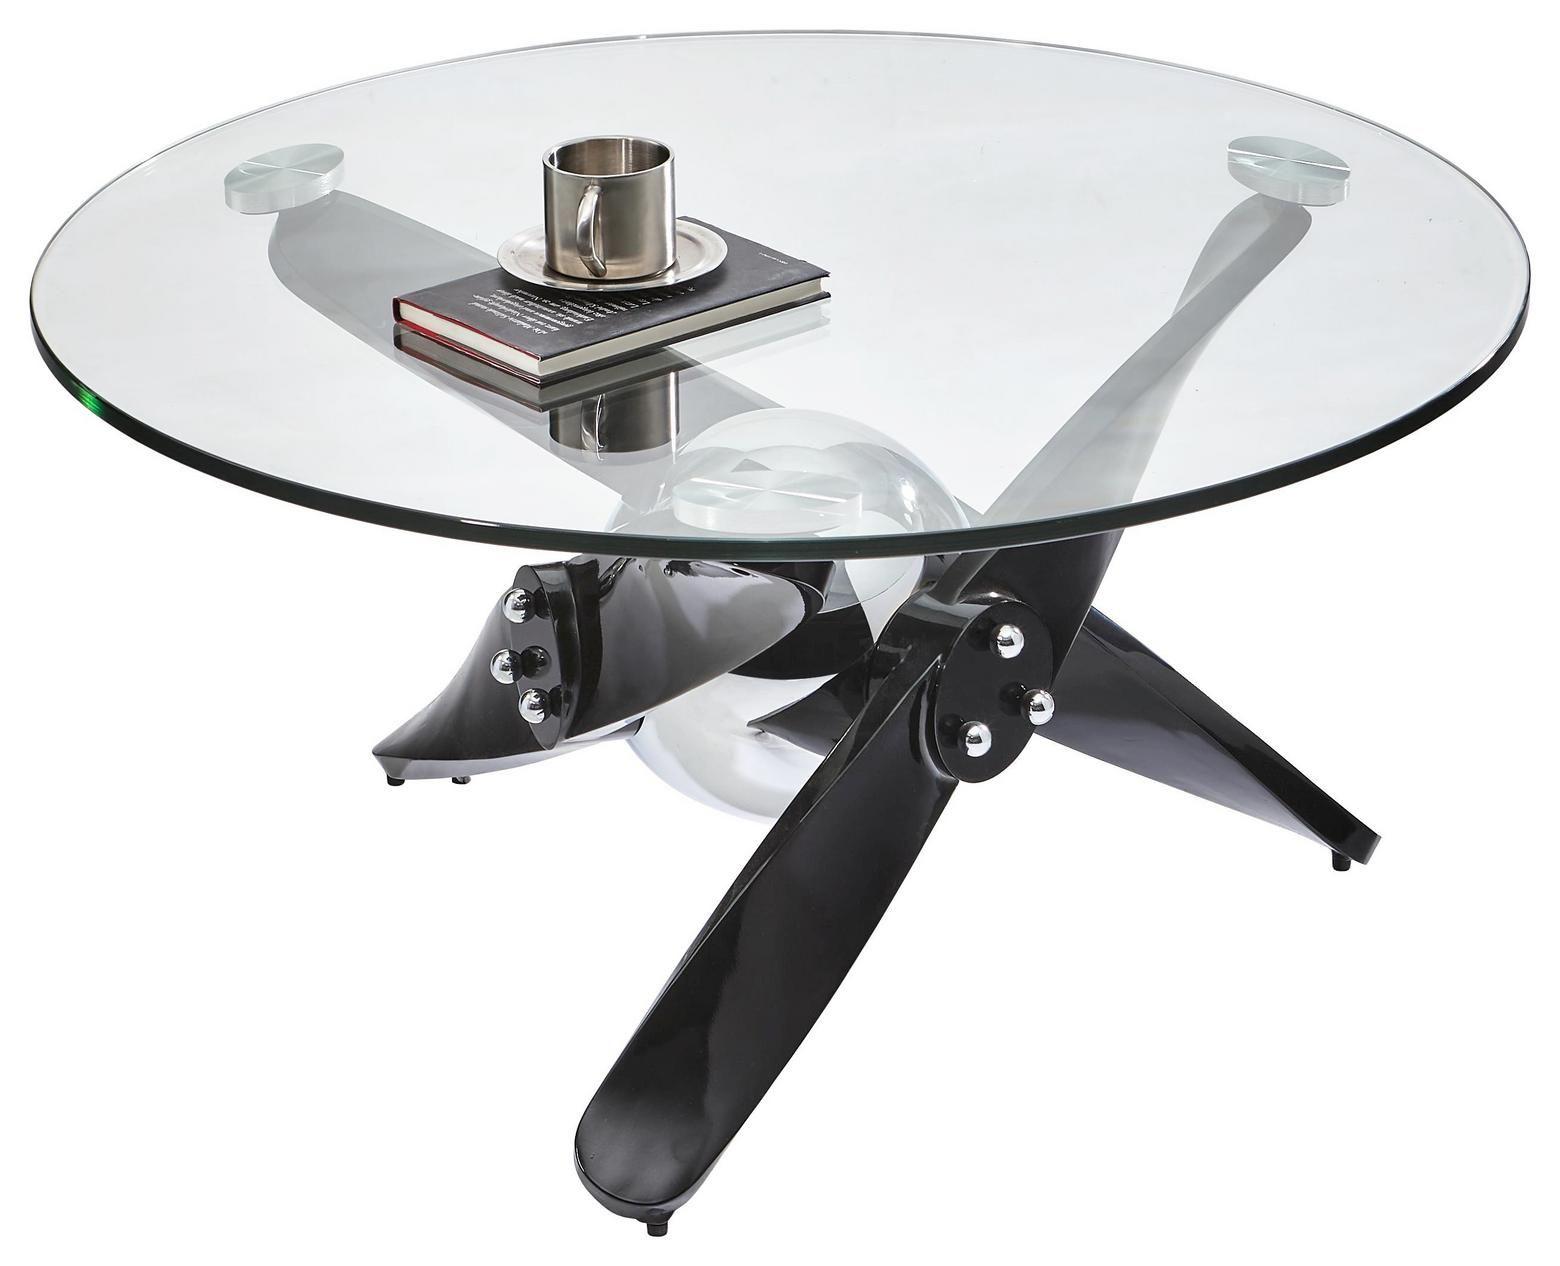 Aussergewohnlich Modern Glastisch Mit Glasplatte Und Metall